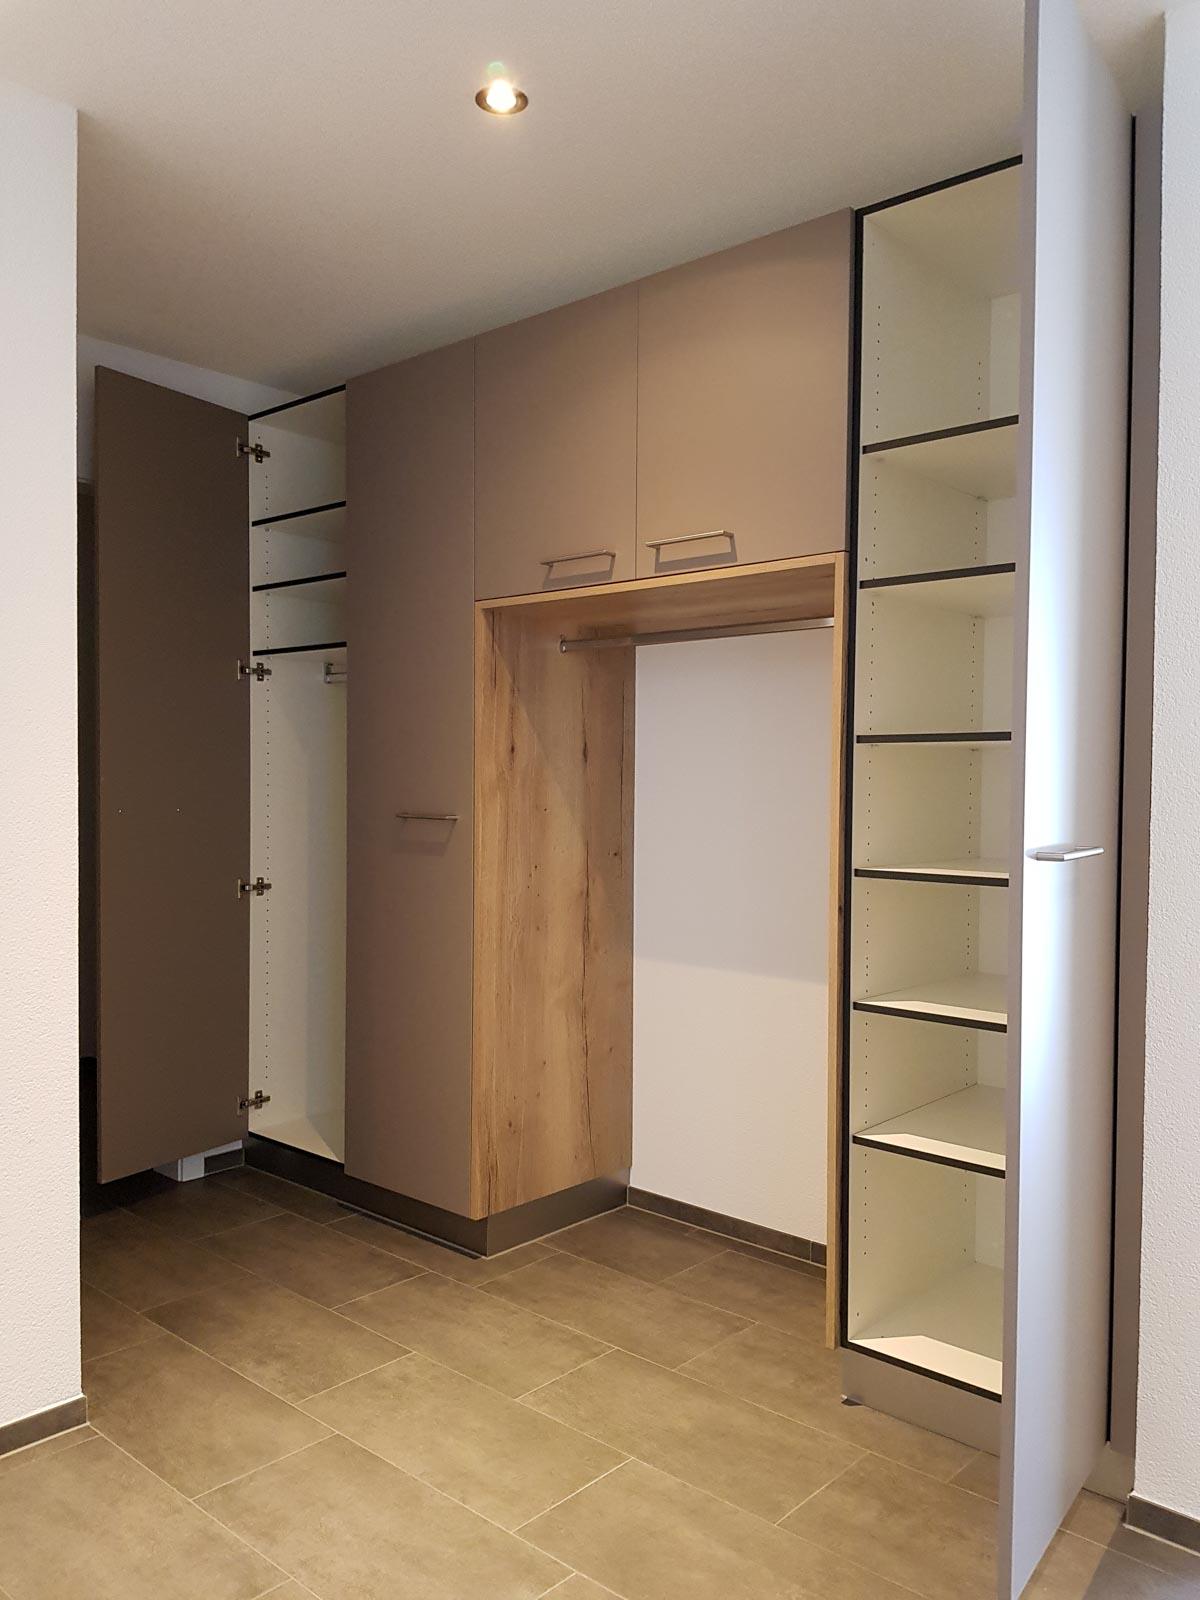 Wooddesign_Garderobe_Gästegarderobe_Putzschrank_offene Garderobe_Eiche hell_Erdfarbe_ beige (3)